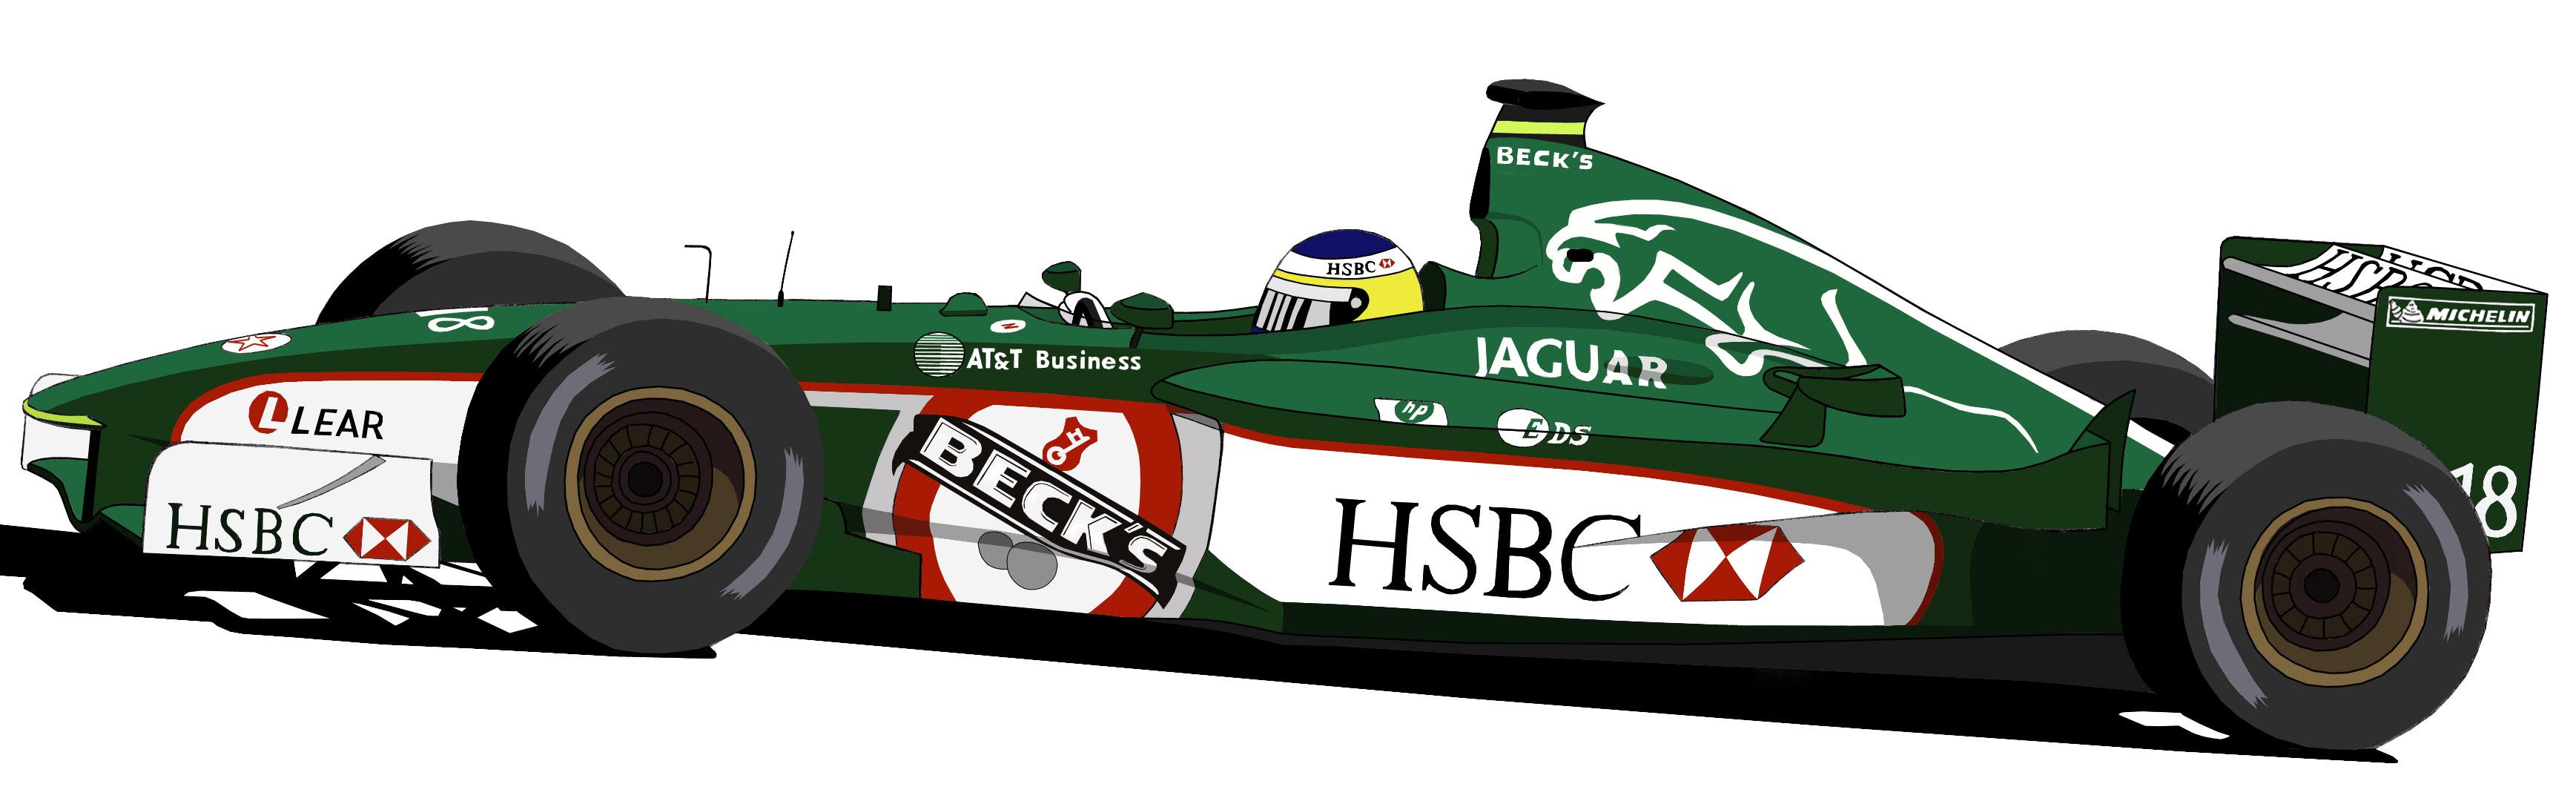 Dessin Jaguar F1 couleur de Adrien72140